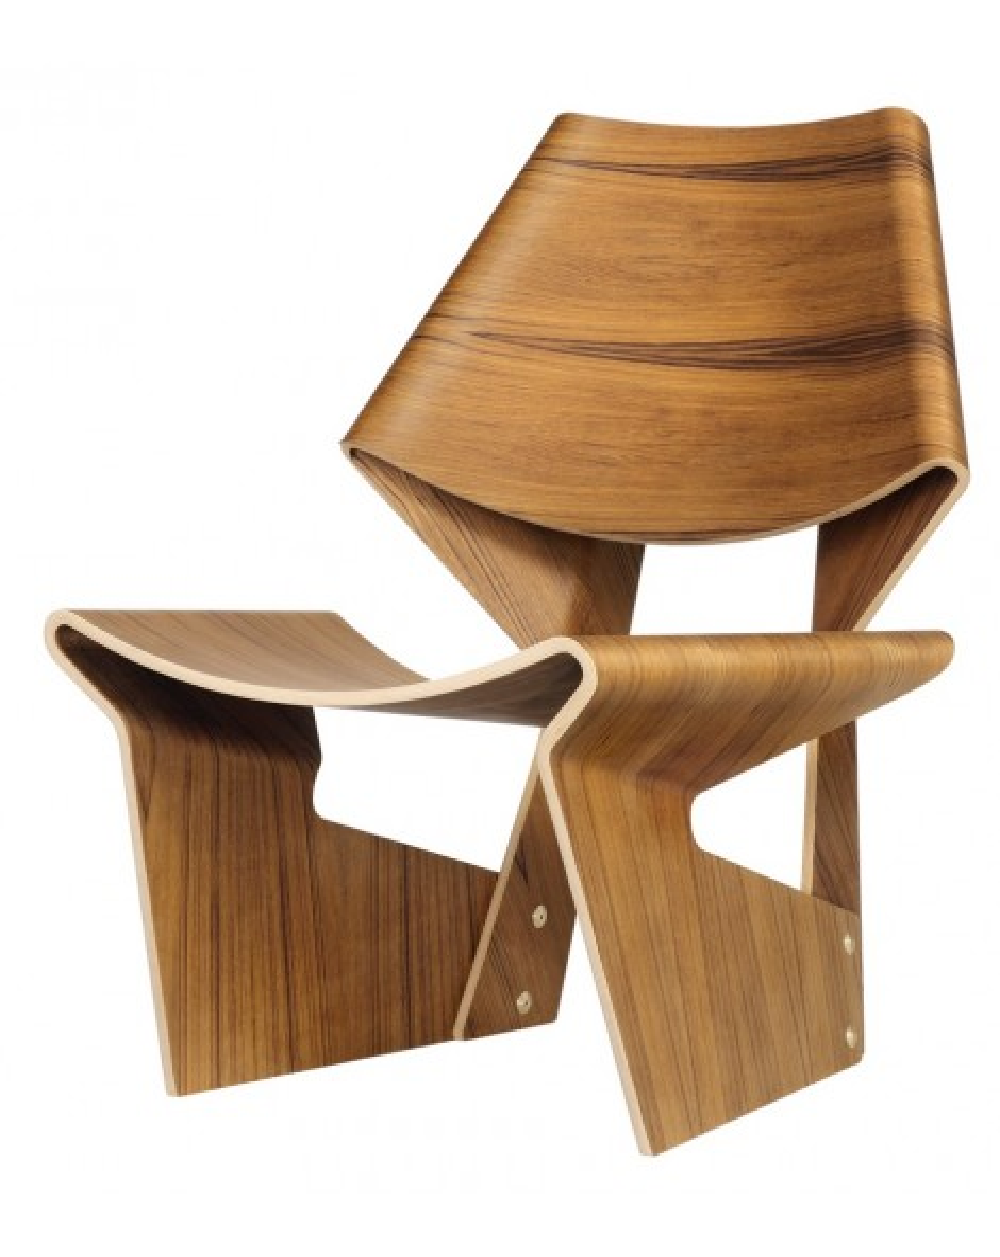 Fauteuil G. Jalk, design Grete Jalk